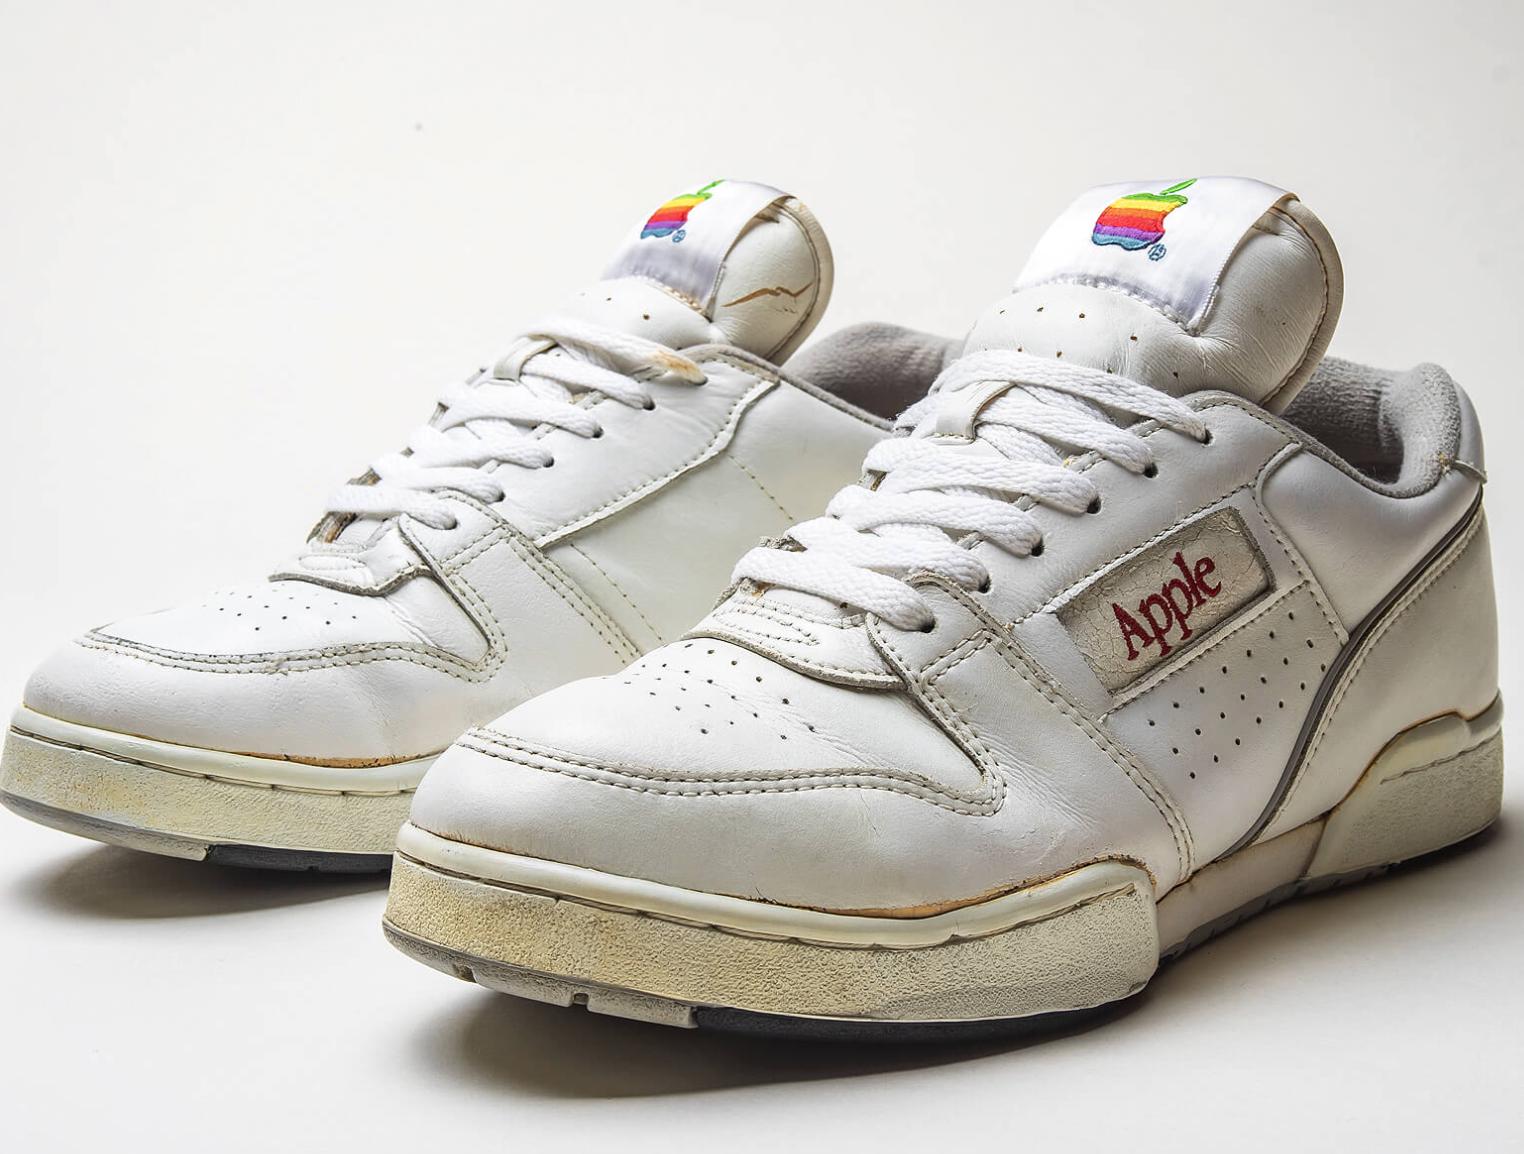 1990s Apple Sneakers